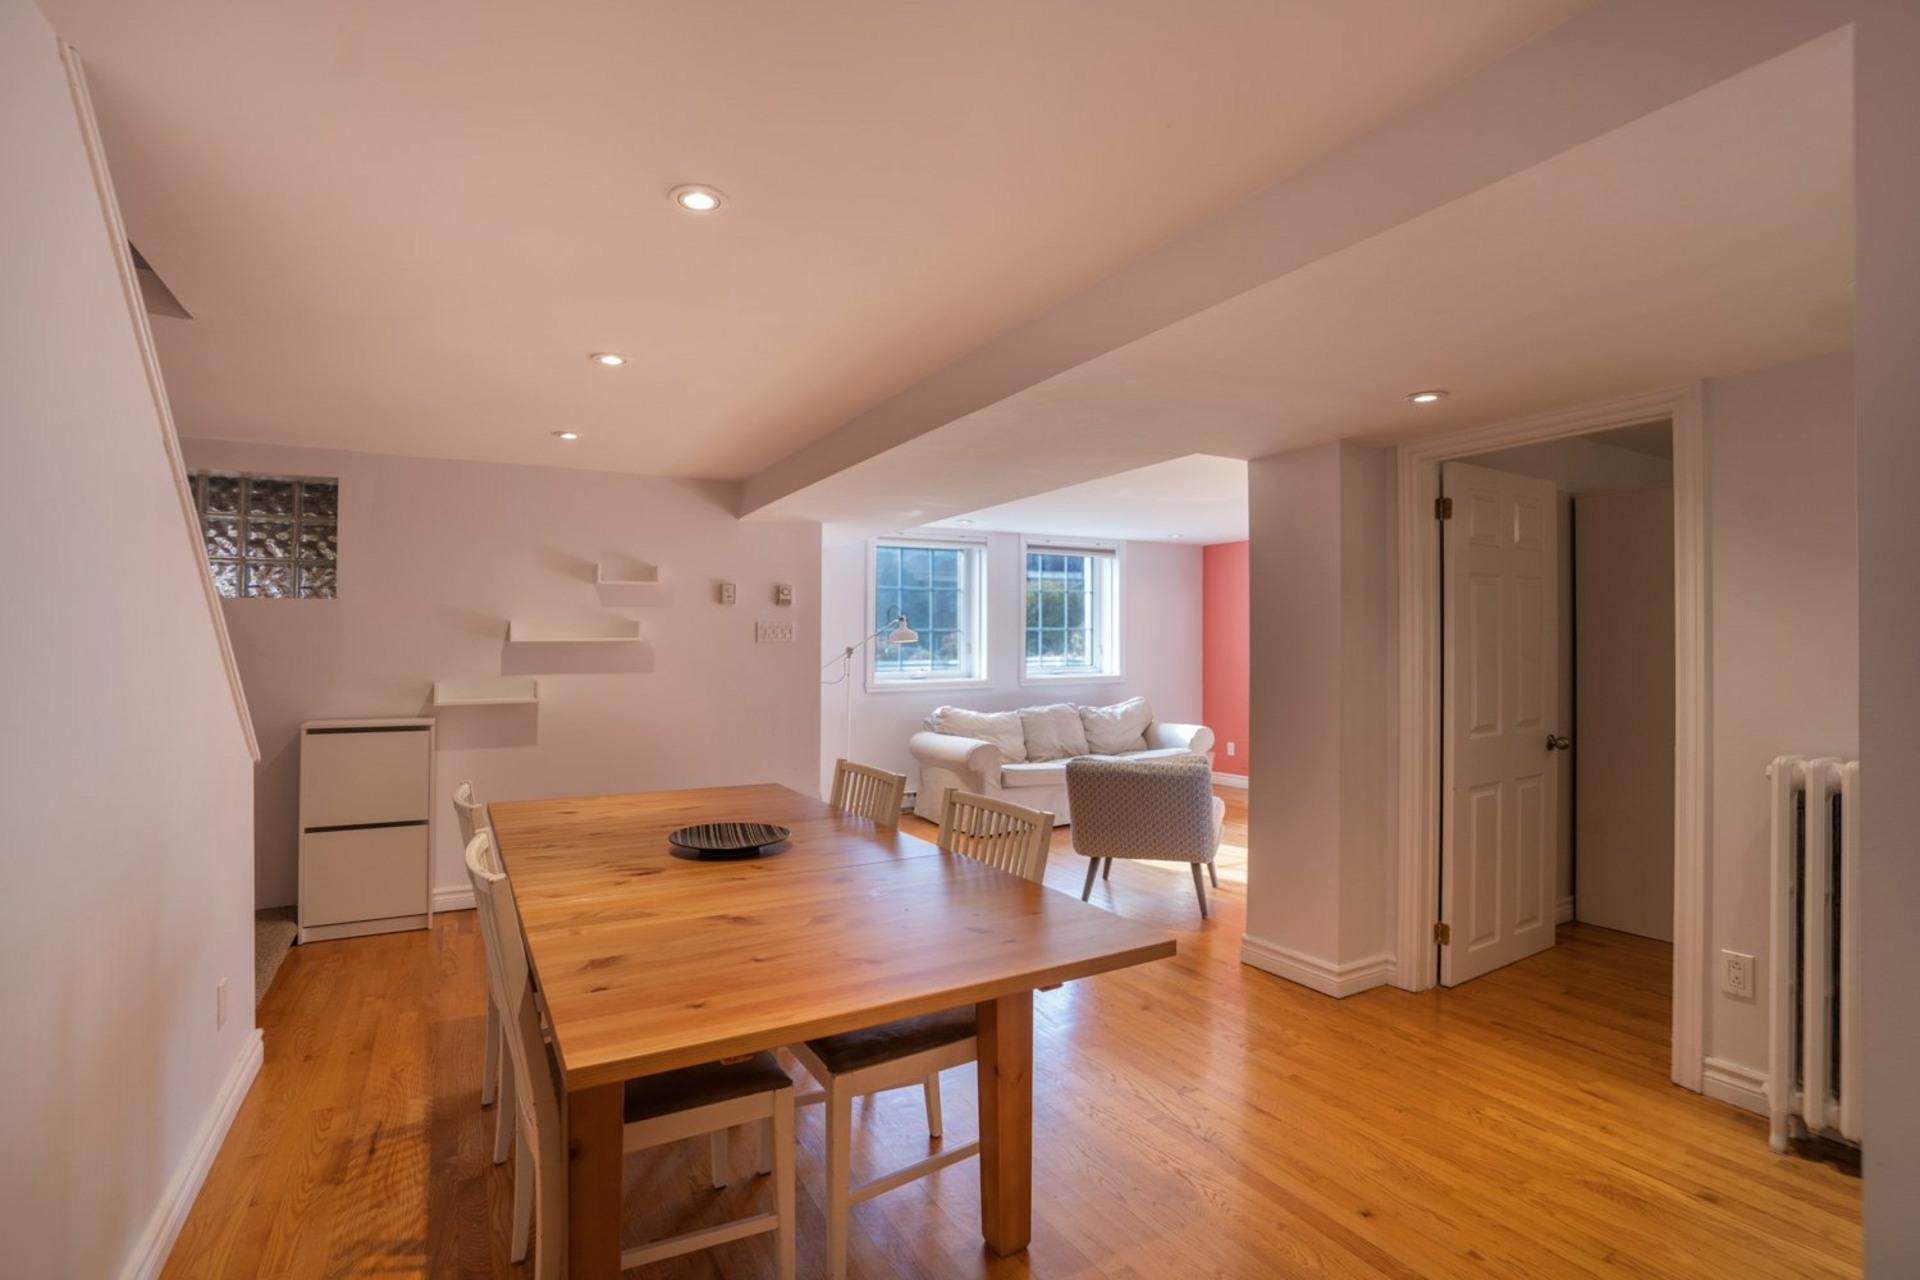 image 10 - Apartment For sale Côte-des-Neiges/Notre-Dame-de-Grâce Montréal  - 4 rooms